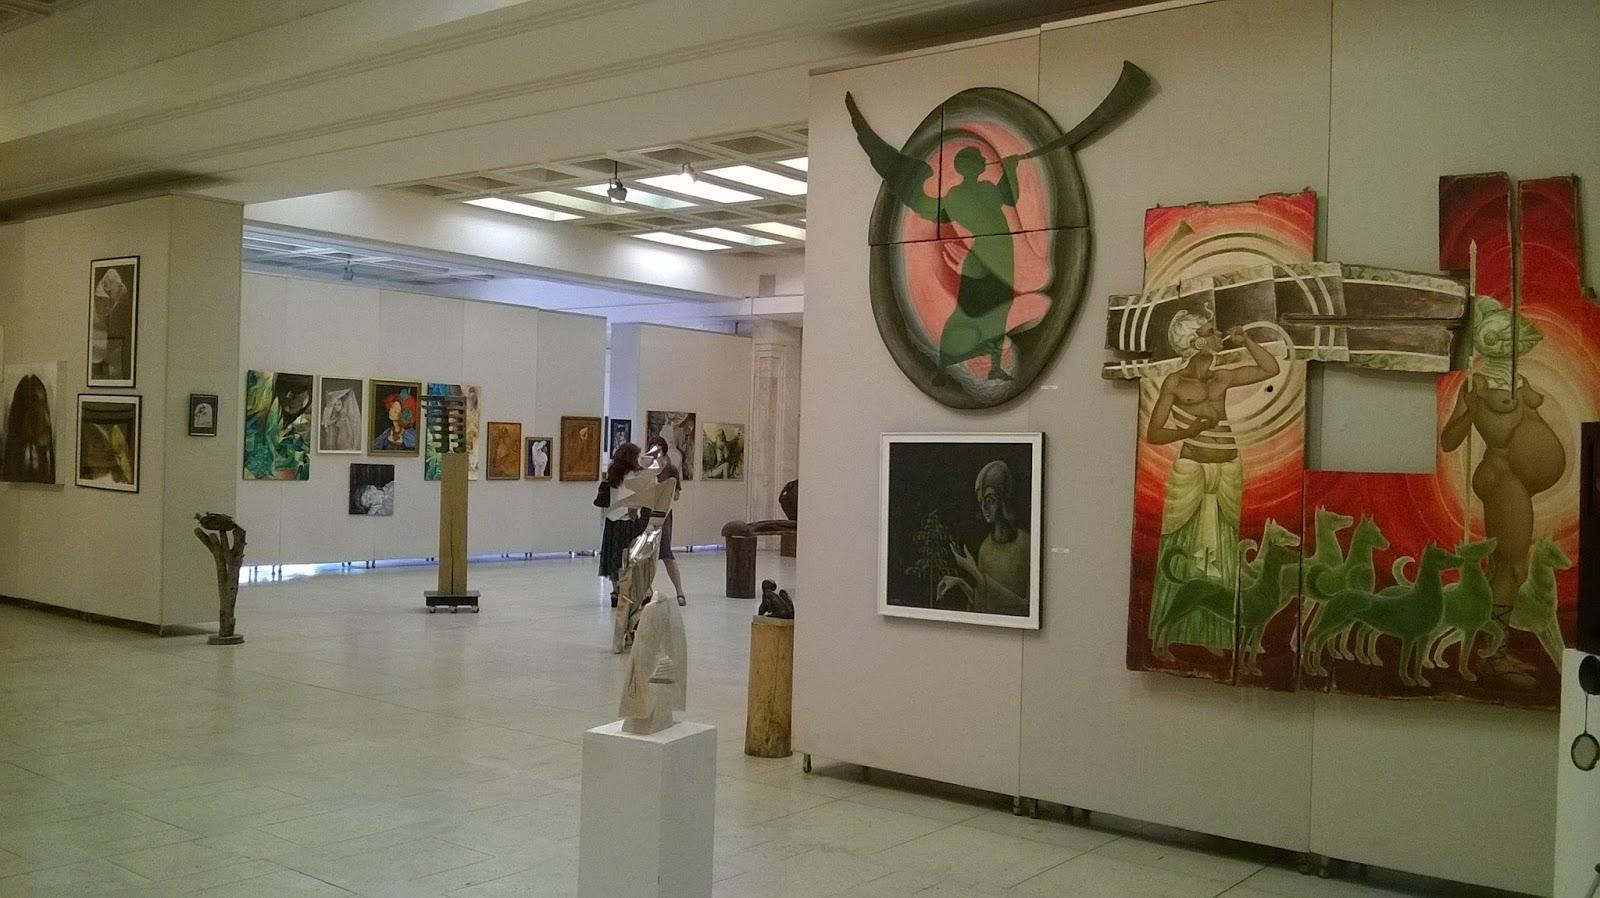 Temeiuri, constantin brancusi, palatul parlamentului, arta contemporana, expozitie